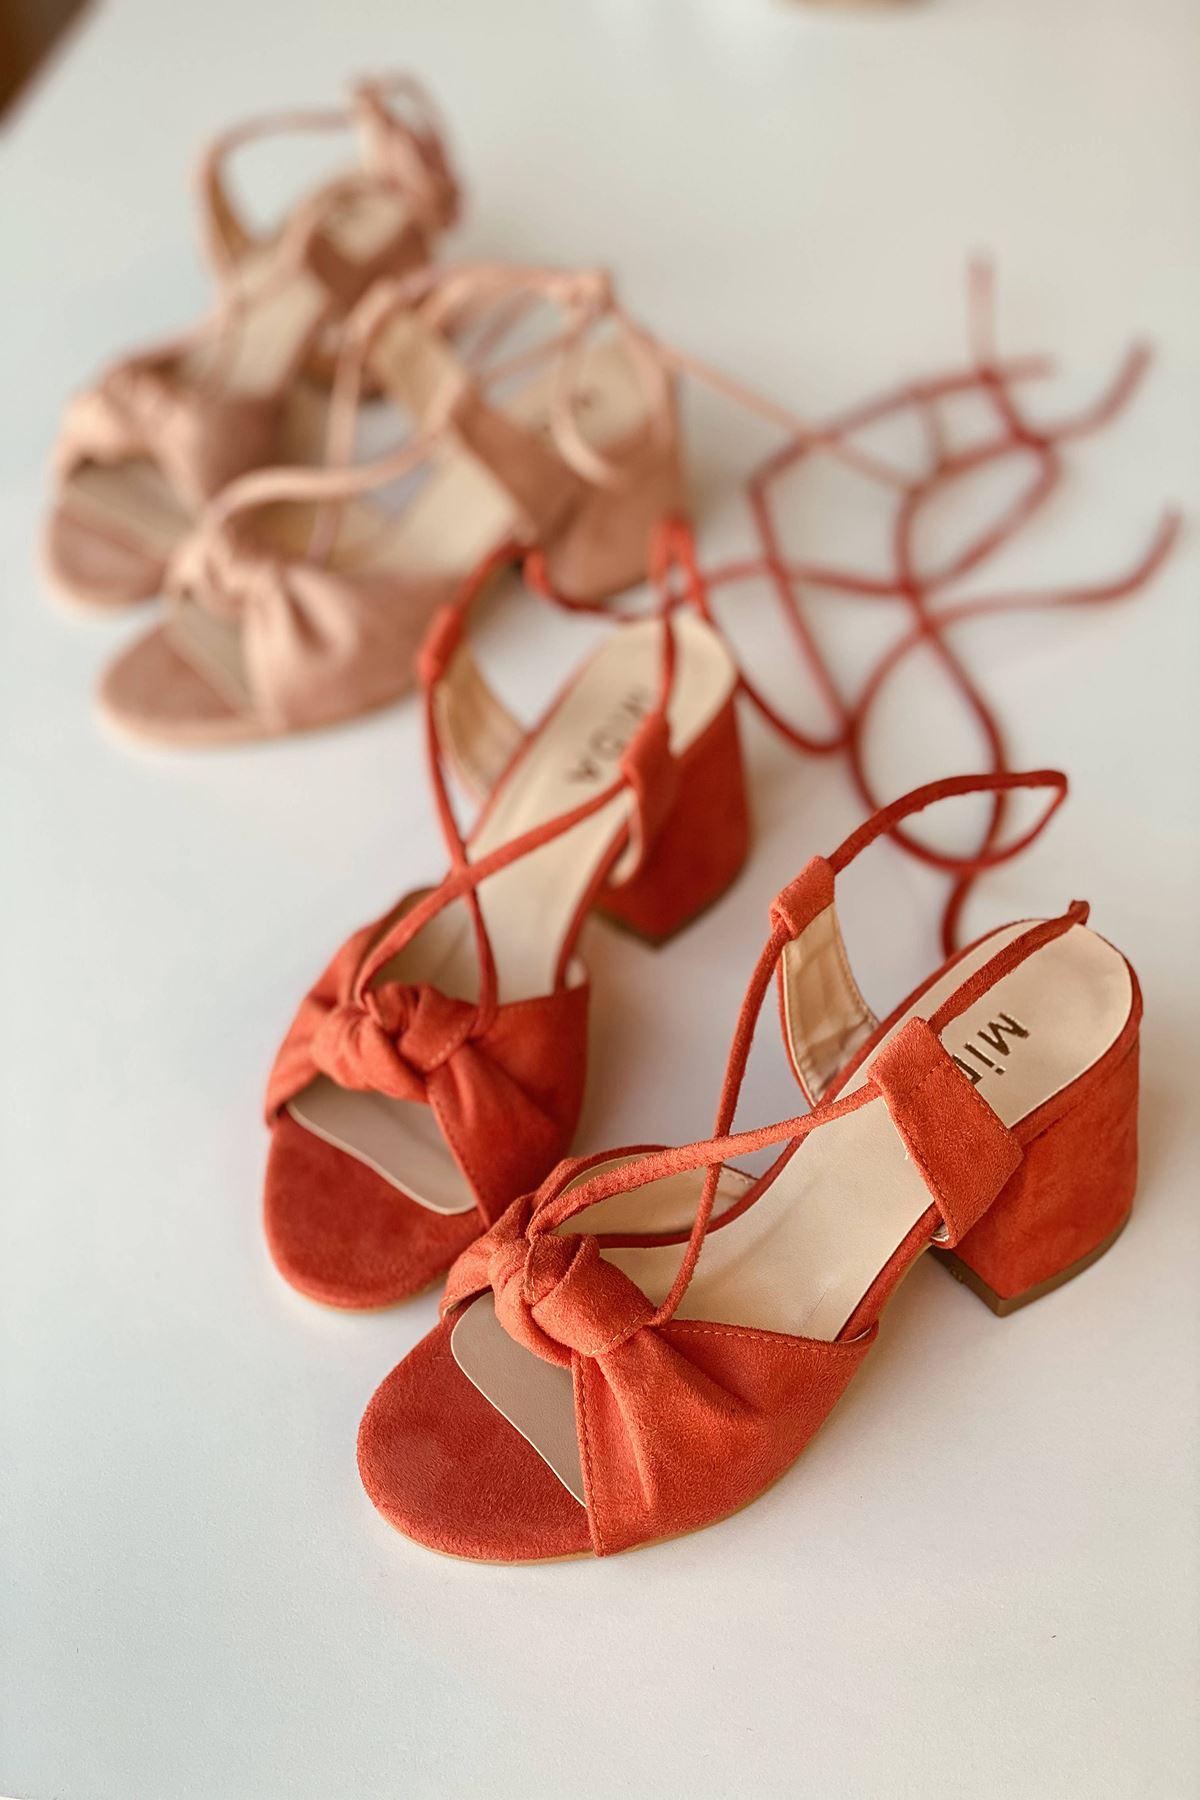 Y551 Turuncu Süet Topuklu Ayakkabı